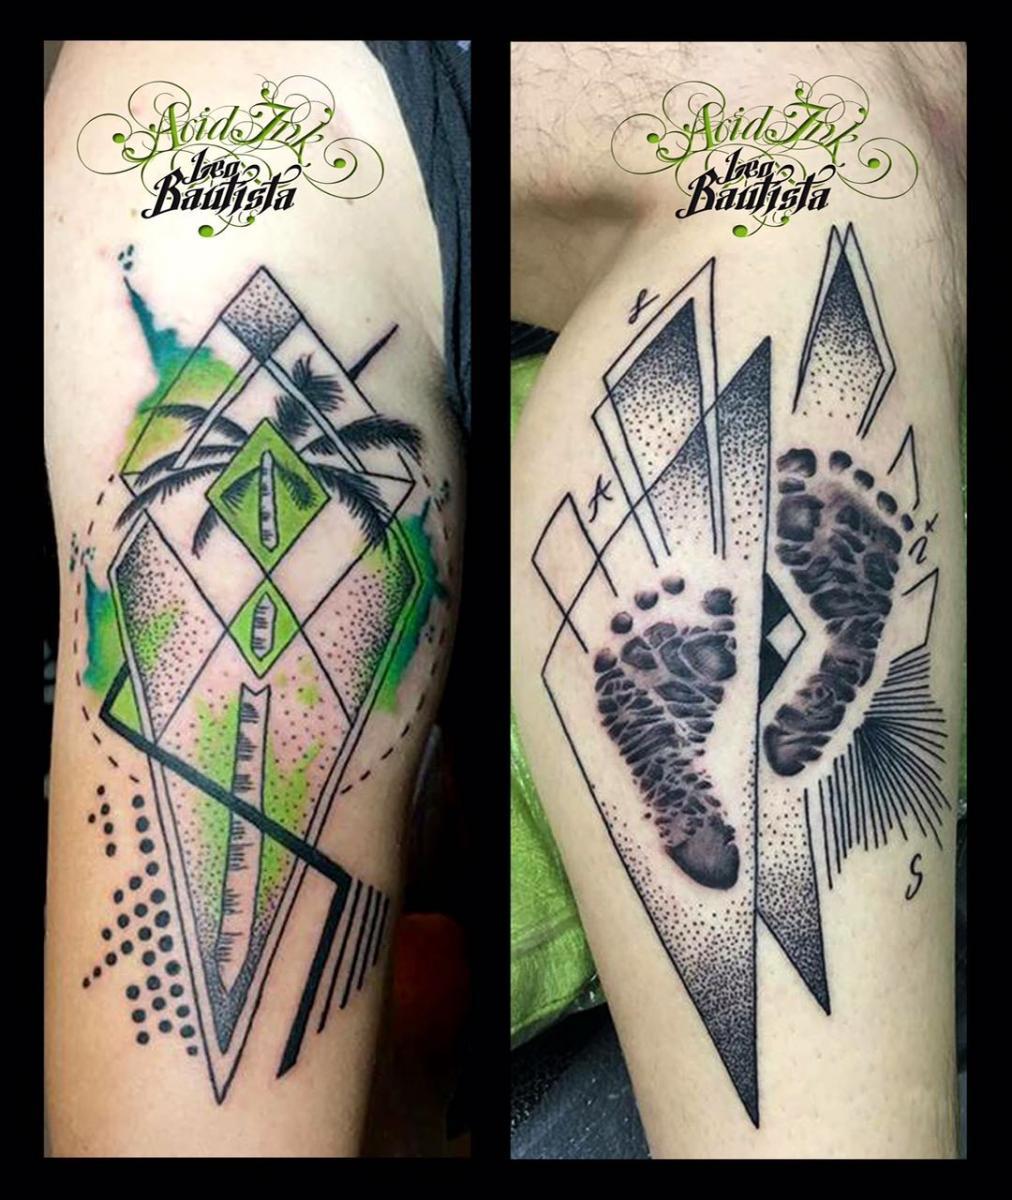 Leonardo Bautista Tatuaje Bogota Acid Ink Tattoo Arttatuaje Bogota